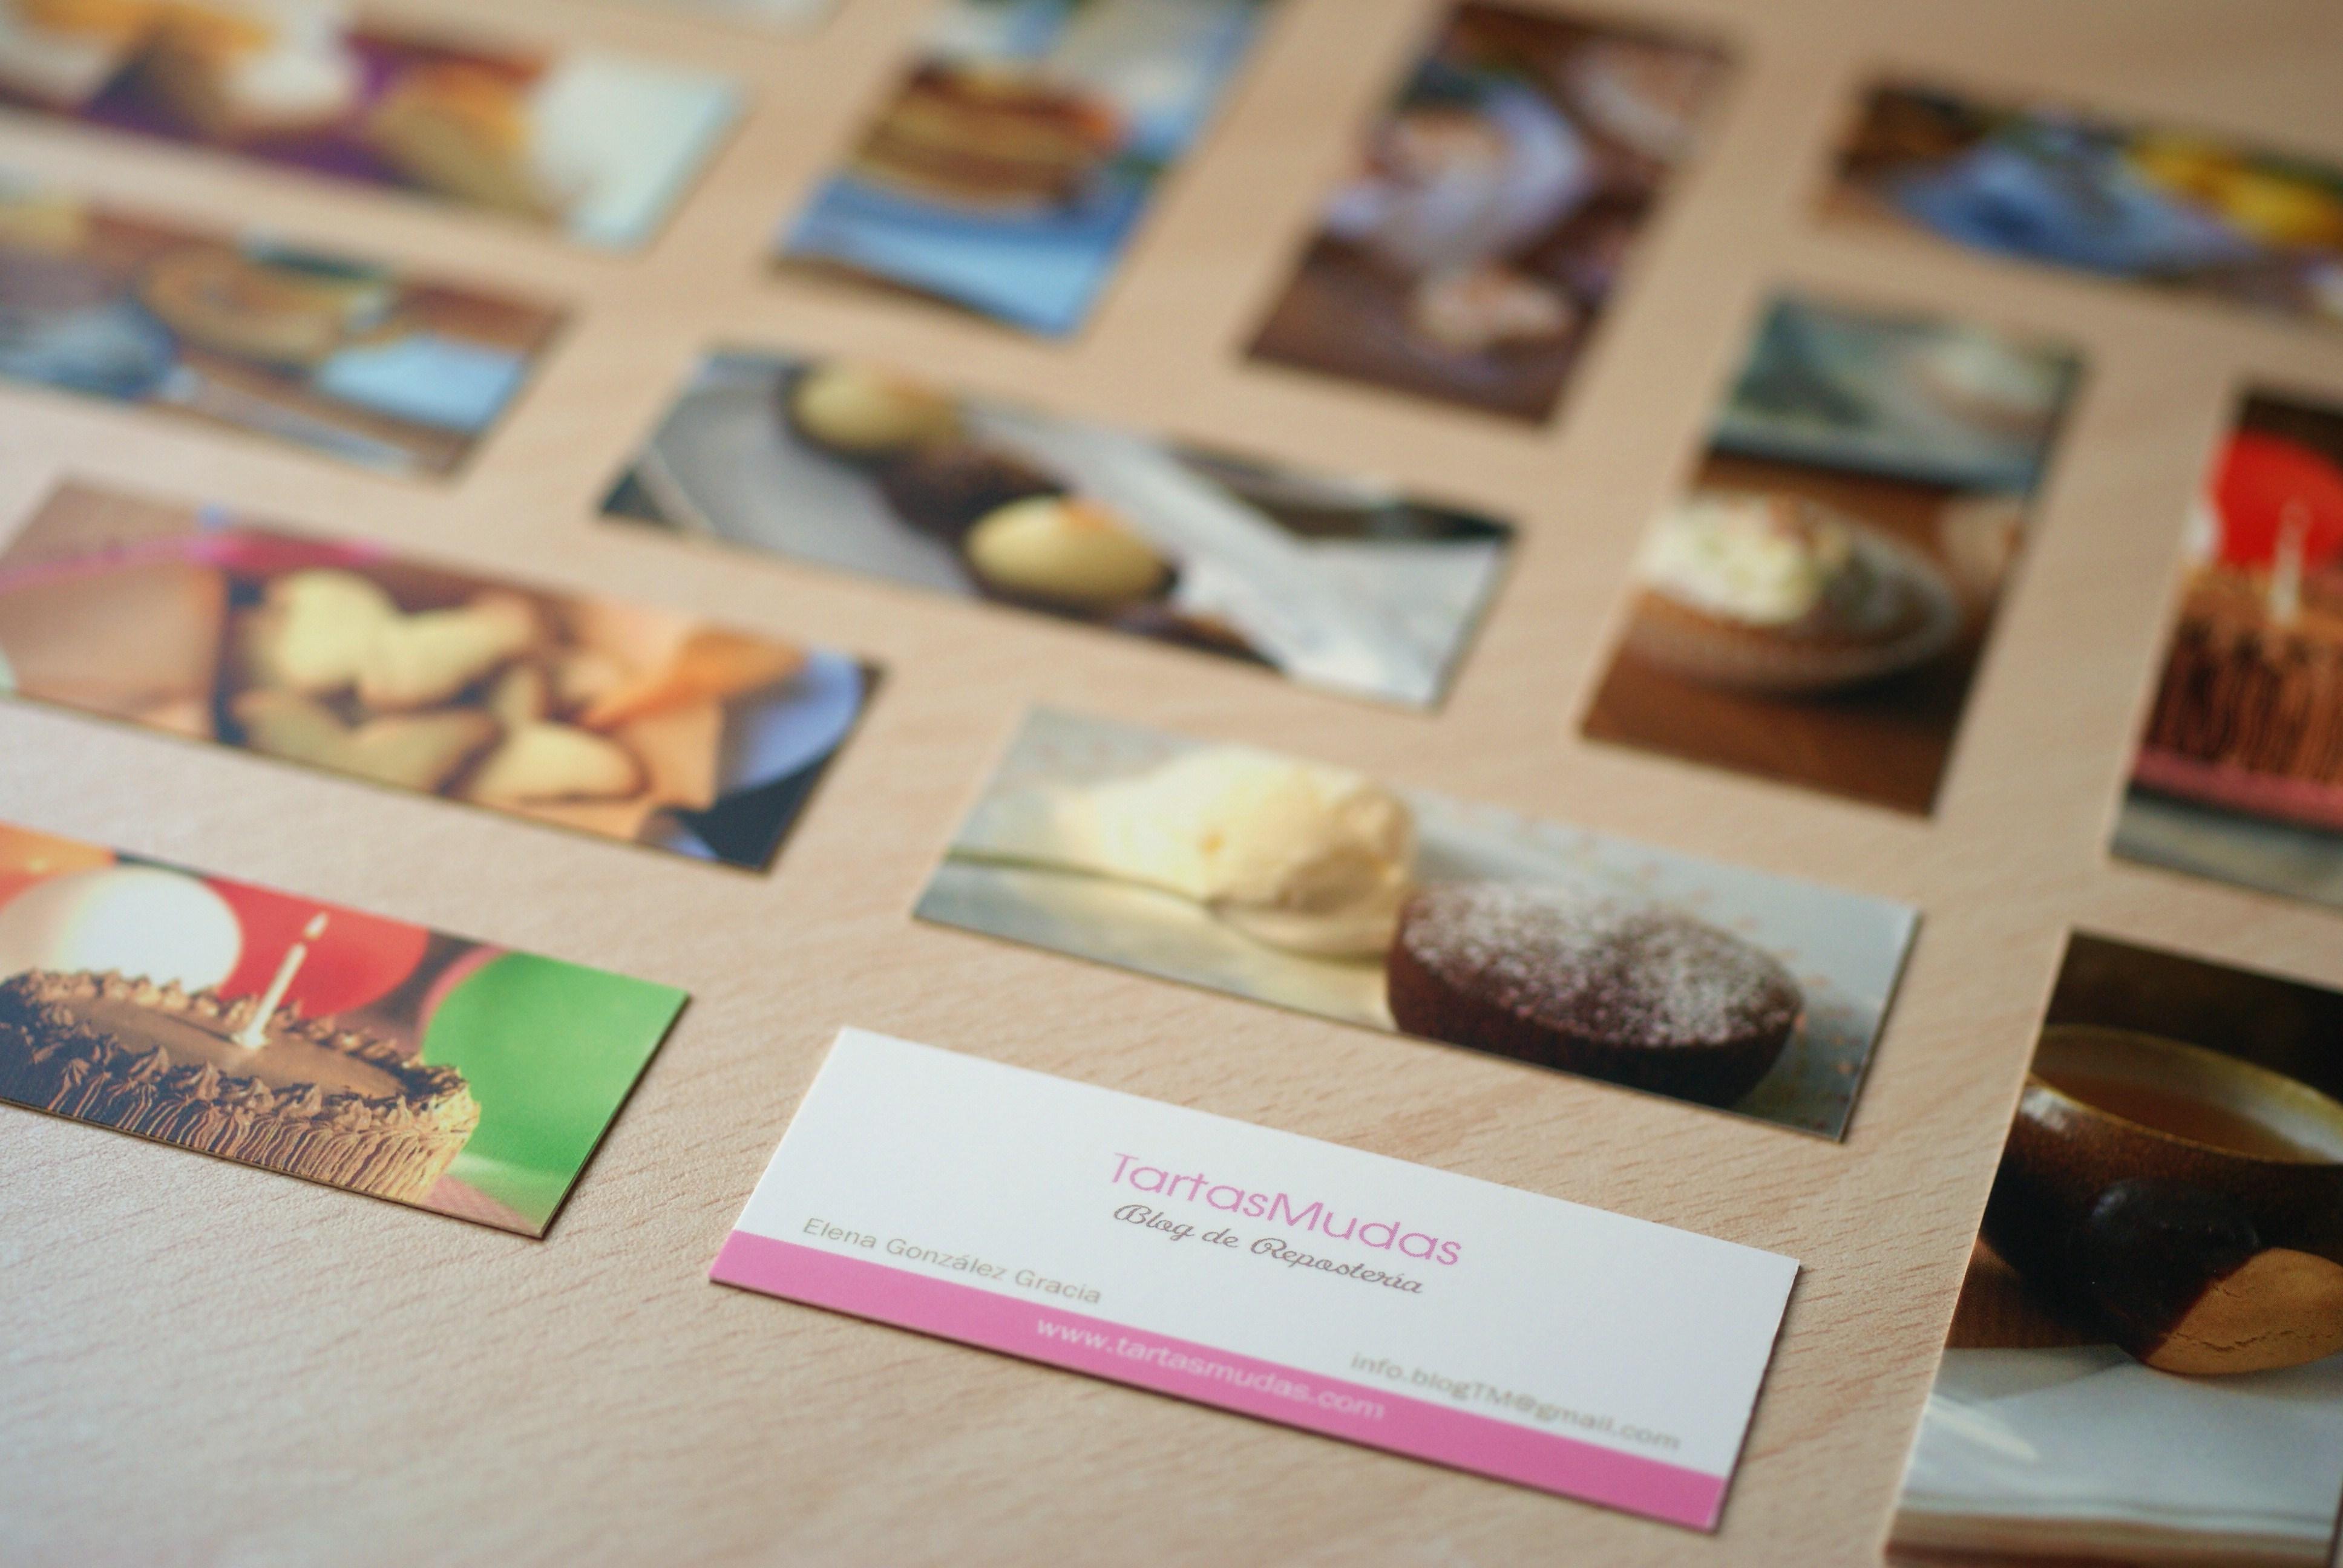 ¡¡Las nuevas tarjetas de TartasMudas!!